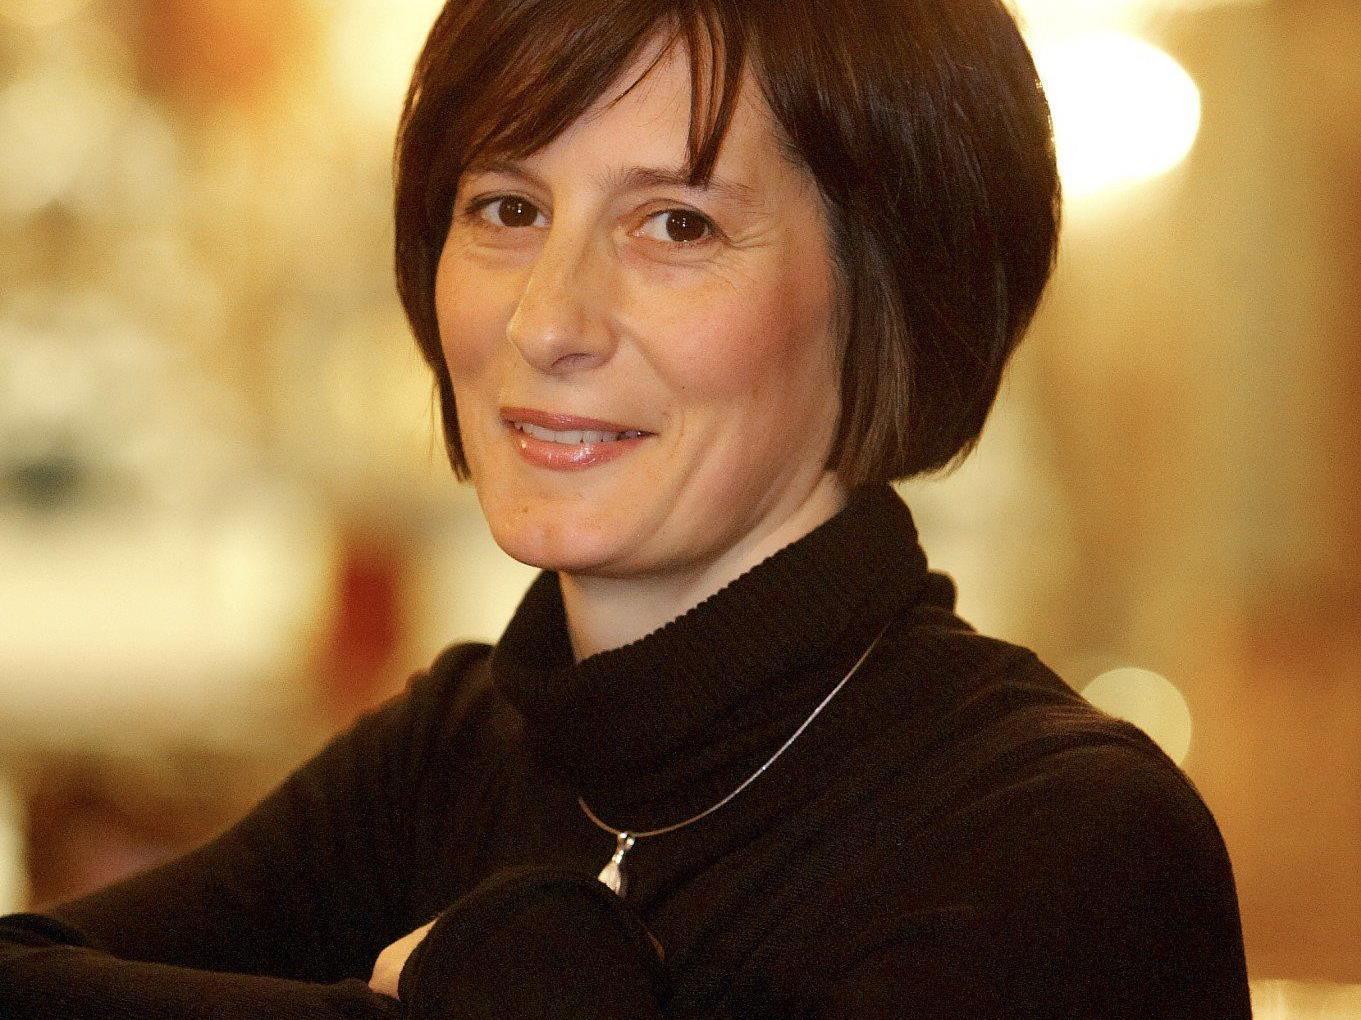 Annelies Oberschmied - mit ihrer leuchtenden Sopranstimme wird sie die Zuhörer in der Basilika verzaubern.